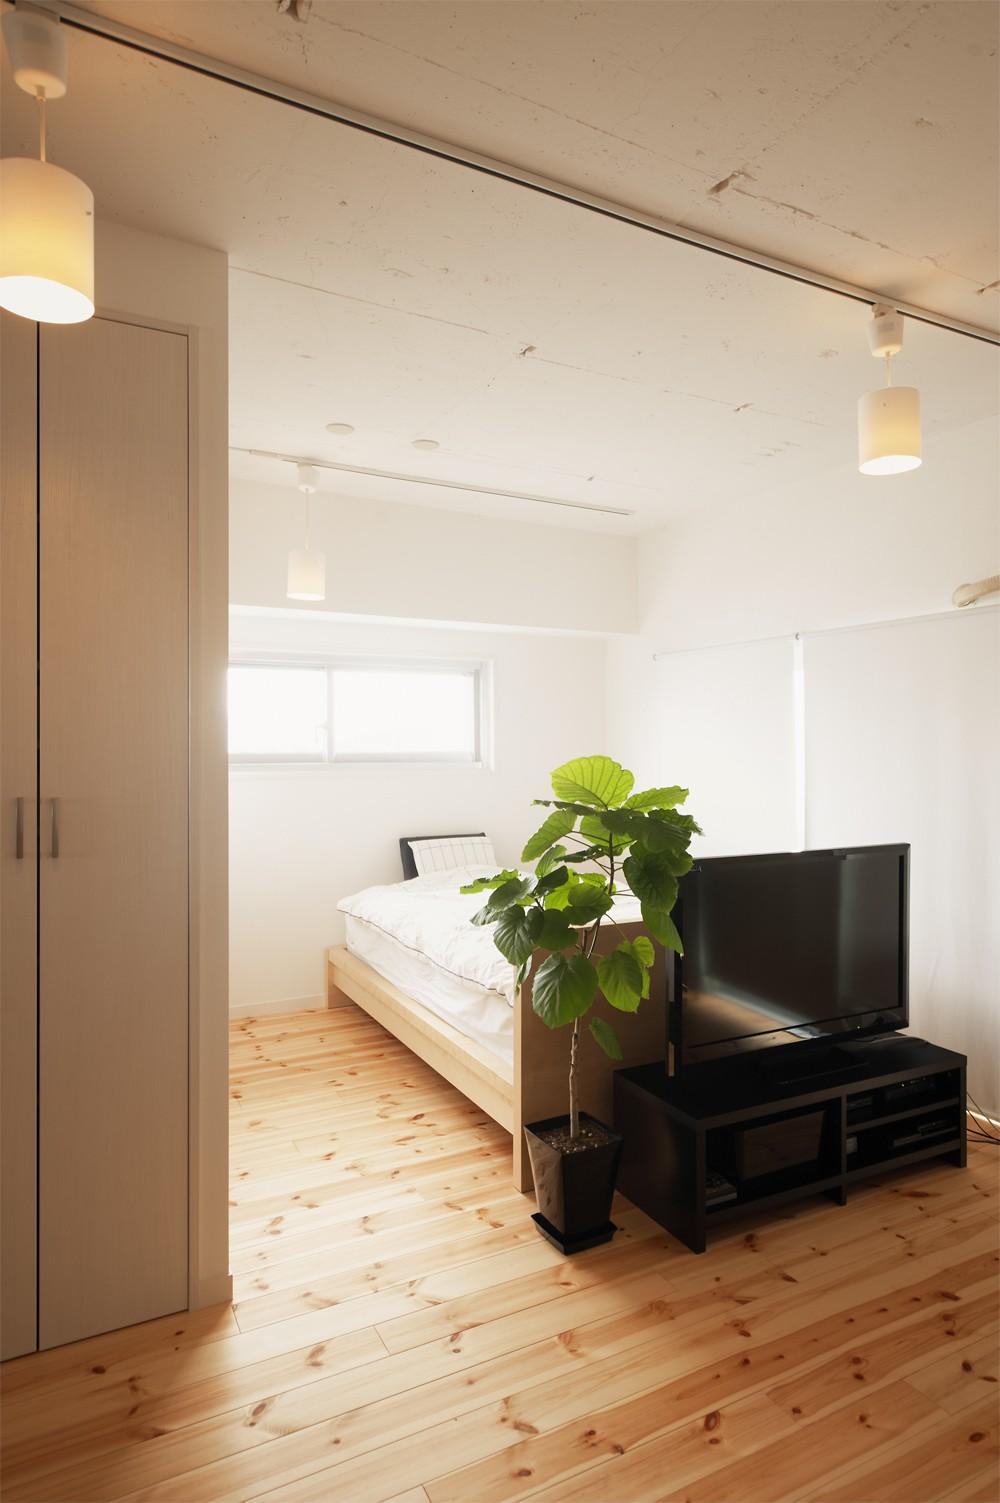 ベッドルーム事例:寝室(自分らしい自分だけの空間を手に入れる)